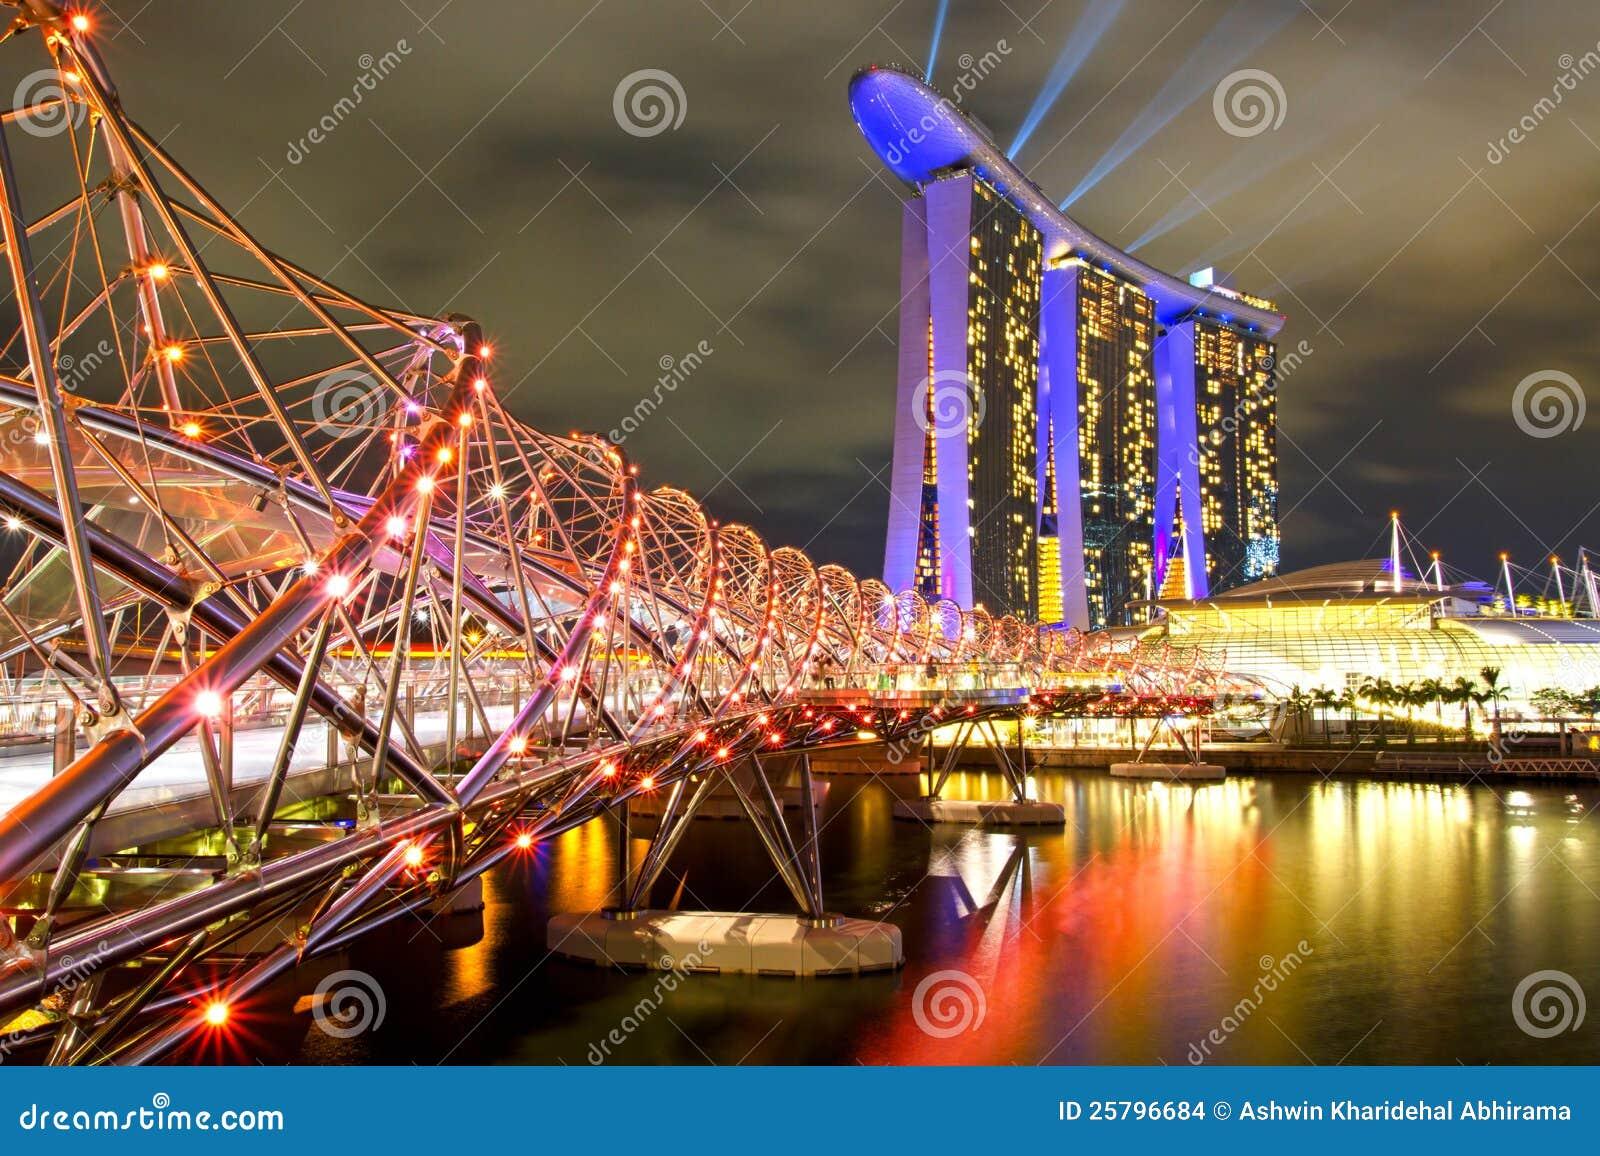 Arenas de la bahía del puerto deportivo en Singapur.